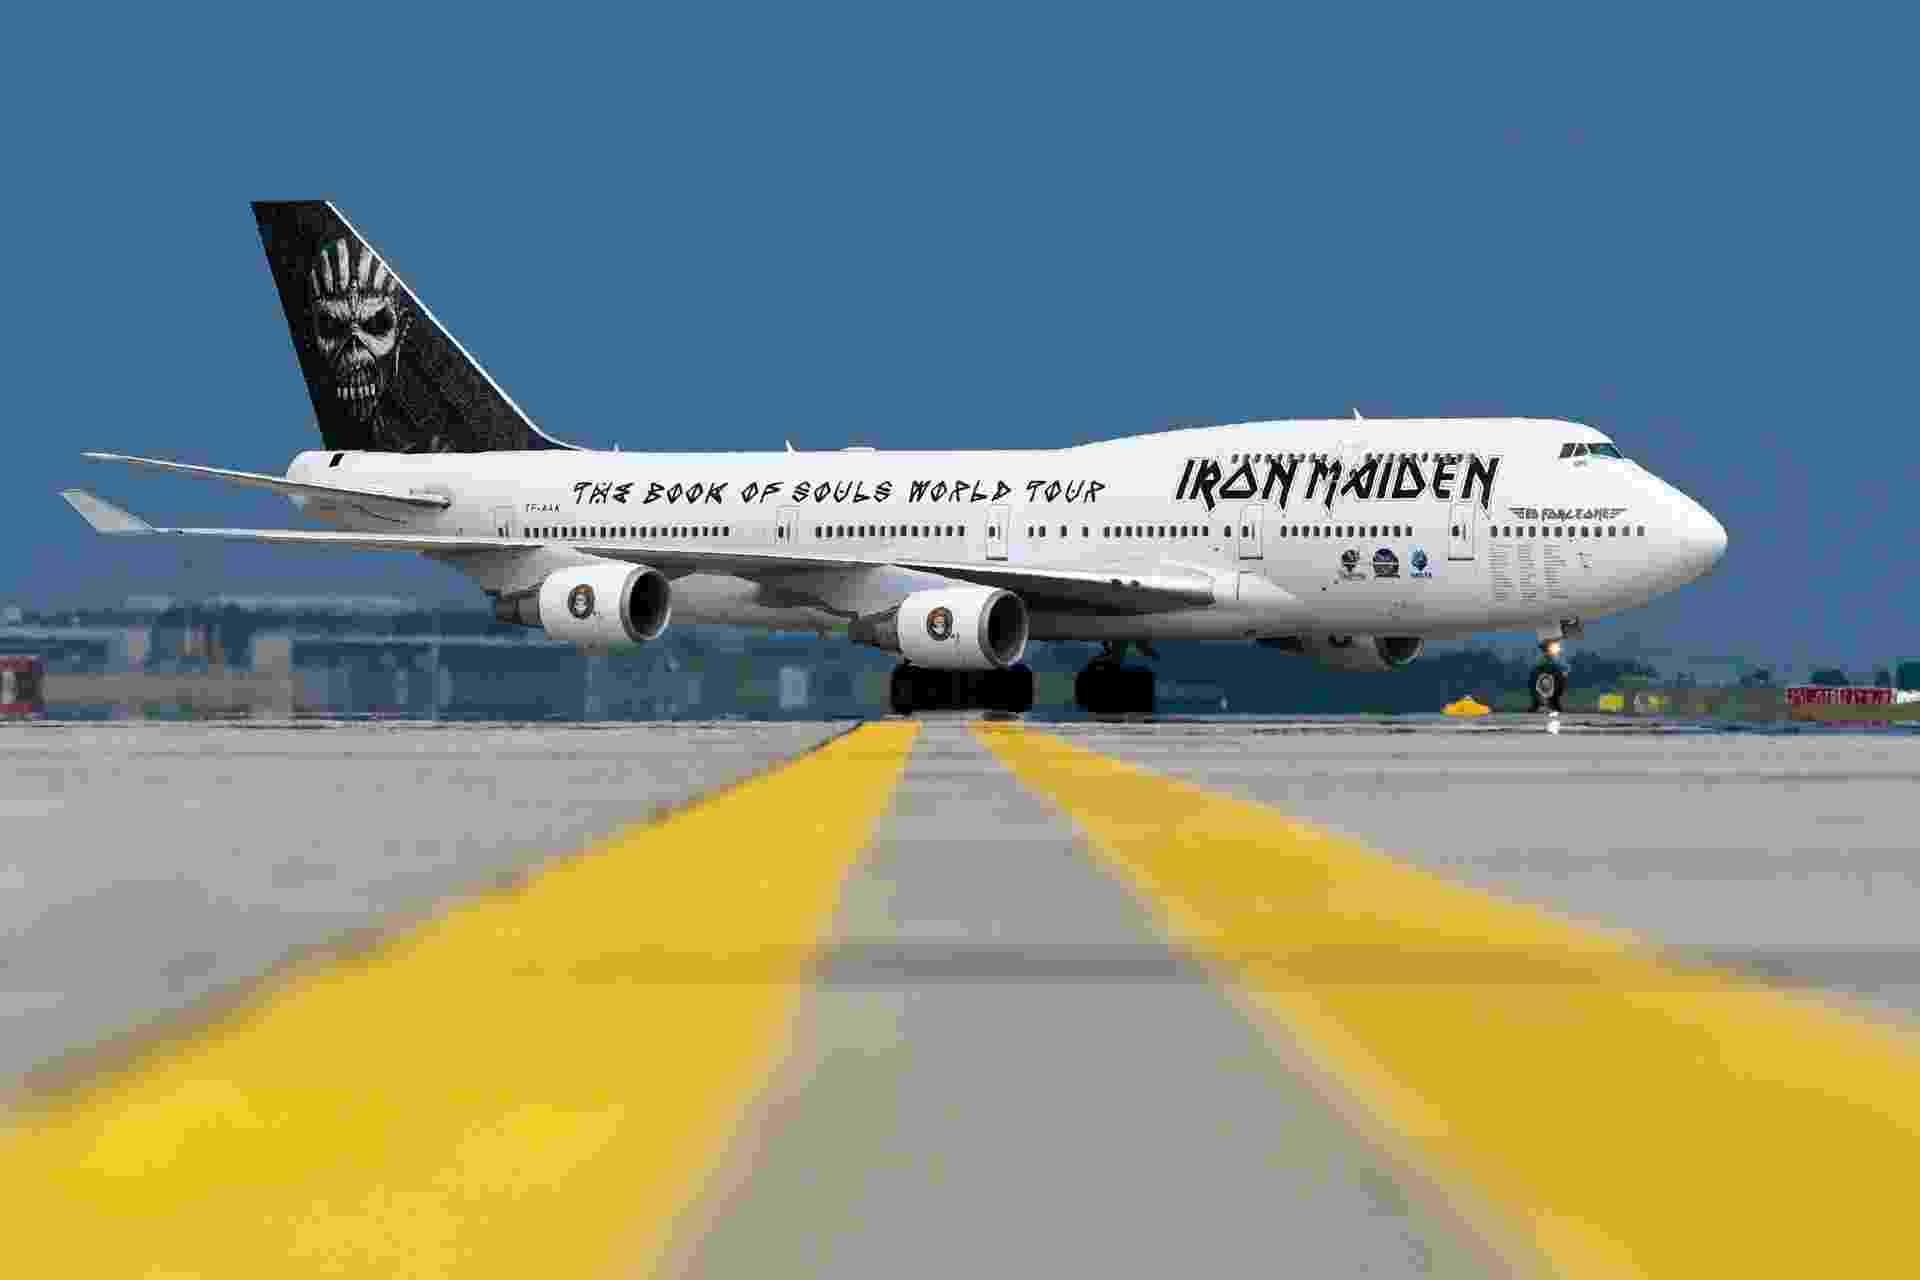 31.mai.2016 - O Boeing 747-400, da banda de heavy metal Iron Maiden, é um dos aviões expostos no International Aerospace Exhibition (ILA). O Ed Force One, como foi batizado, é pilotado pelo próprio vocalista do grupo, Bruce Dickinson, e leva os integrantes da banda, a tripulação e mais 12 toneladas de equipamentos. A nova turnê do grupo será apresentada em 35 países e o Ed Force One deverá percorrer 90.000 quilômetros. ILA é um evento na Alemanha que reúne os principais fabricantes de aeronaves do mundo e acontece de 1º a 4 de junho - Divulgação